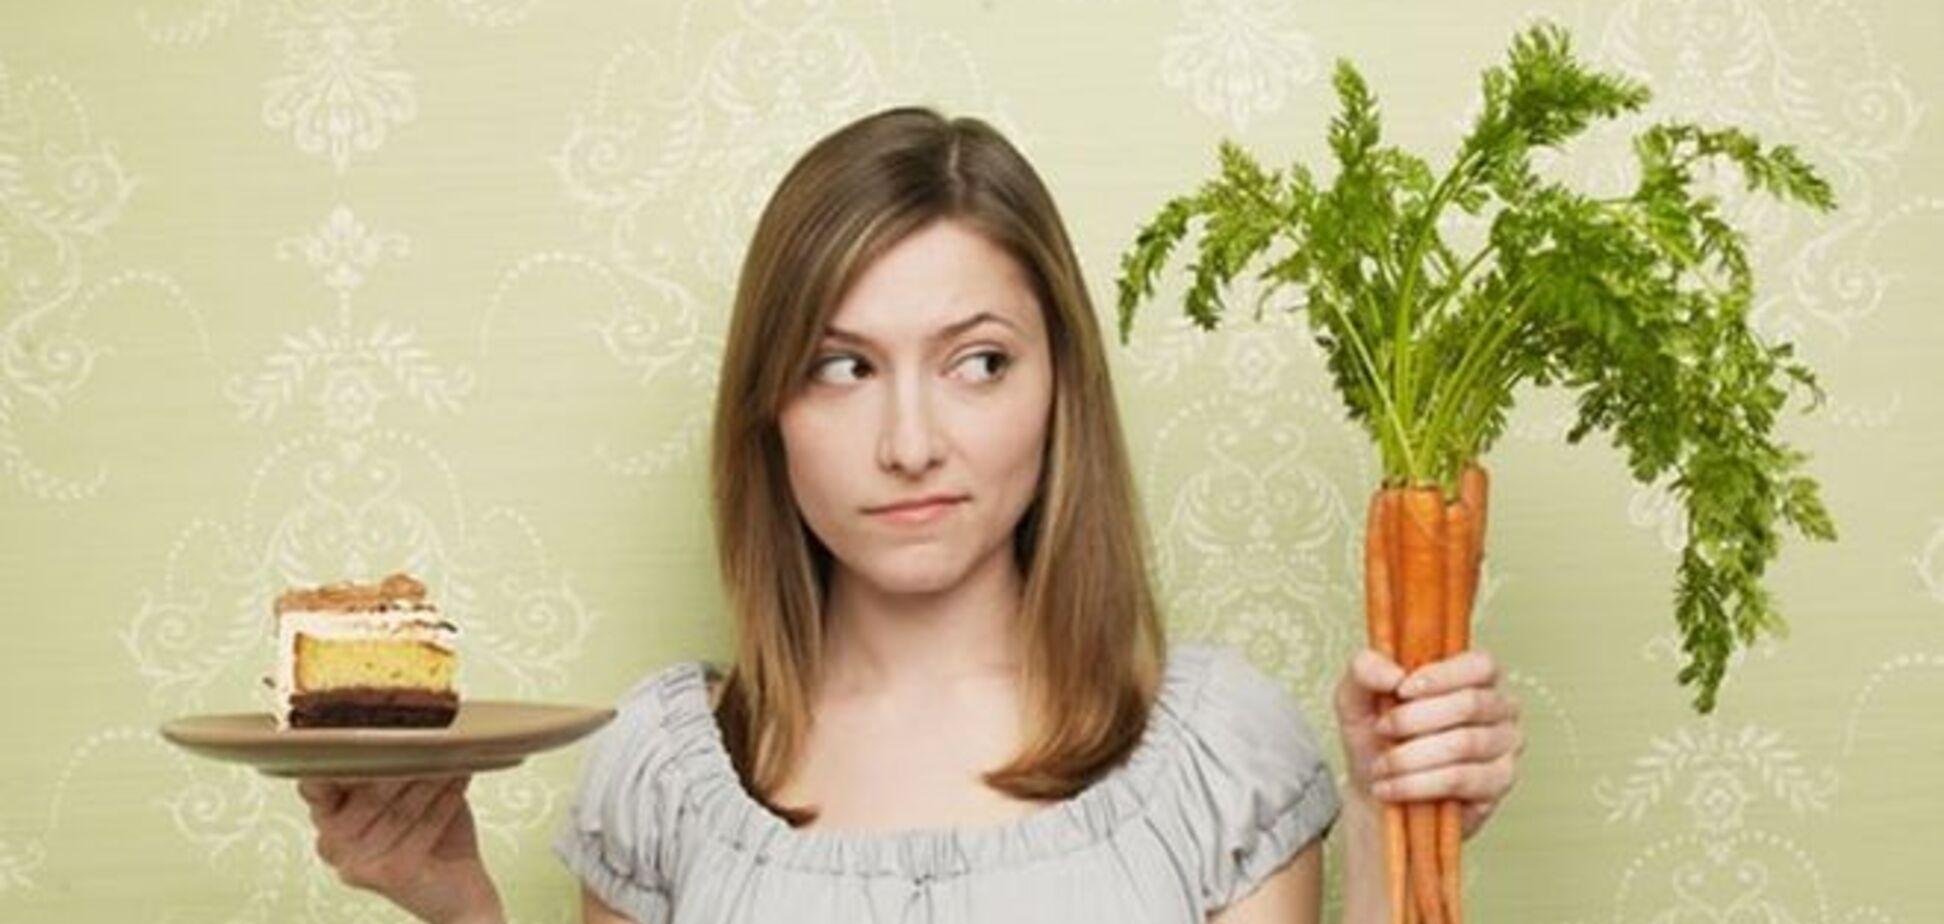 Врачи рекомендуют действенную диету для избавления от оксалатов